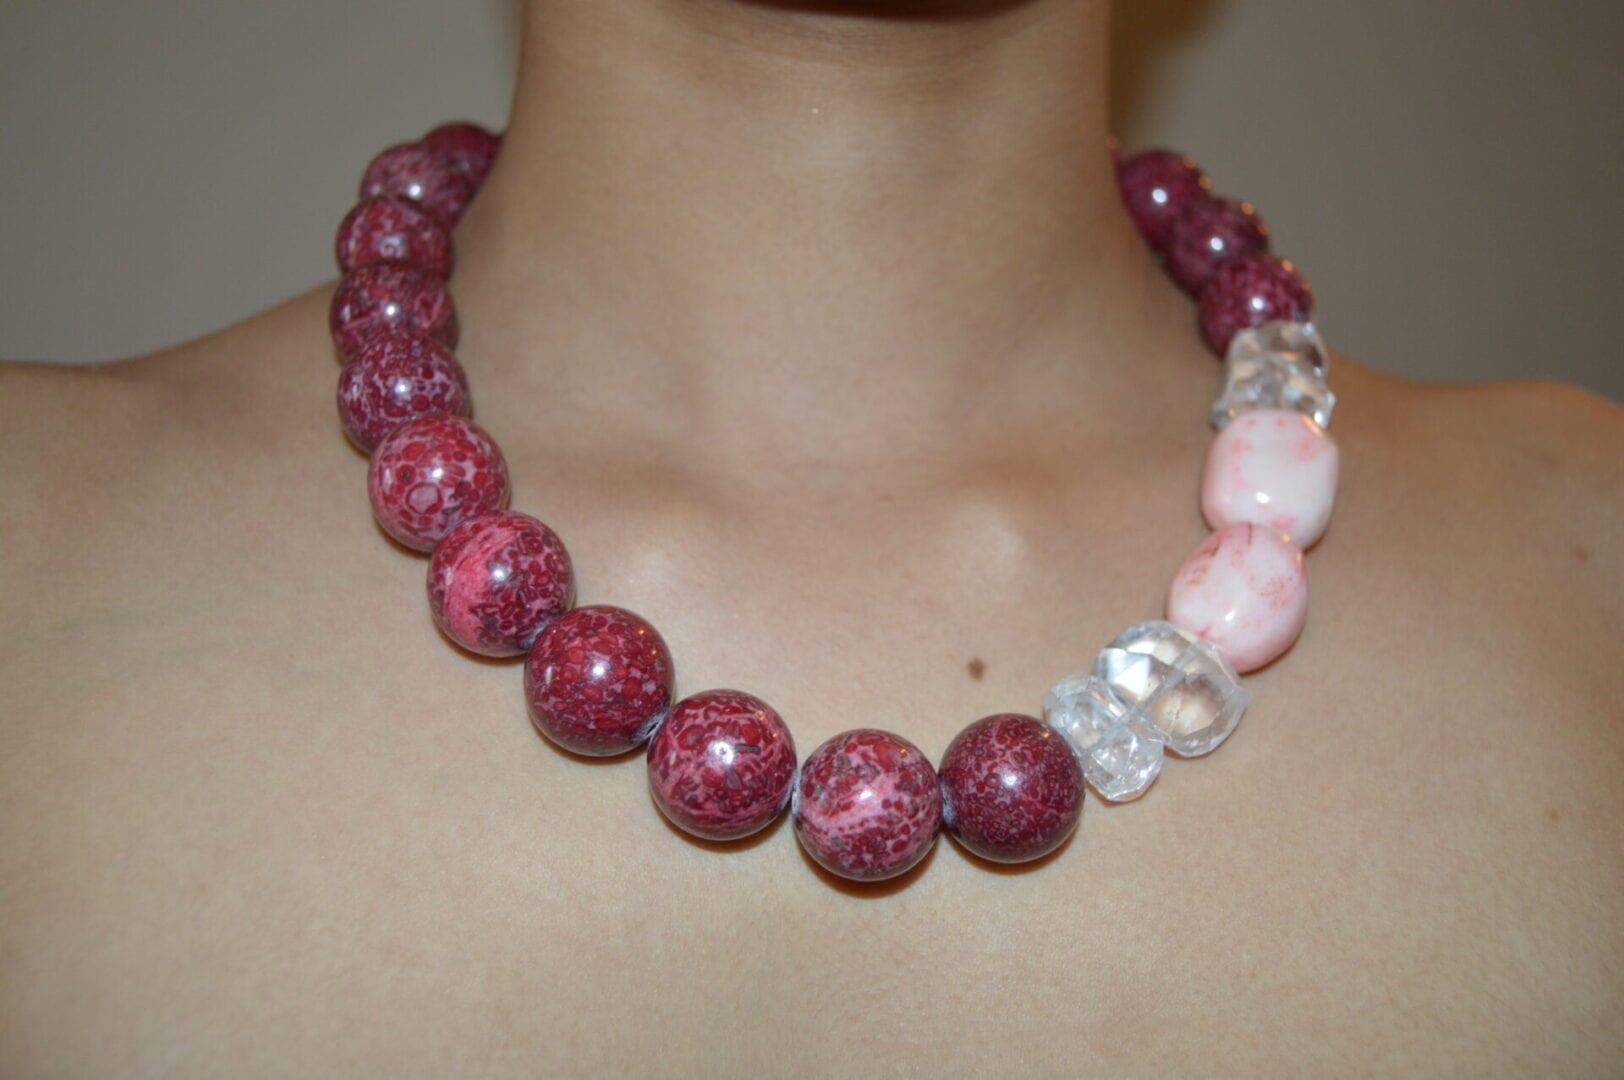 Lucious Cavegirl Necklace